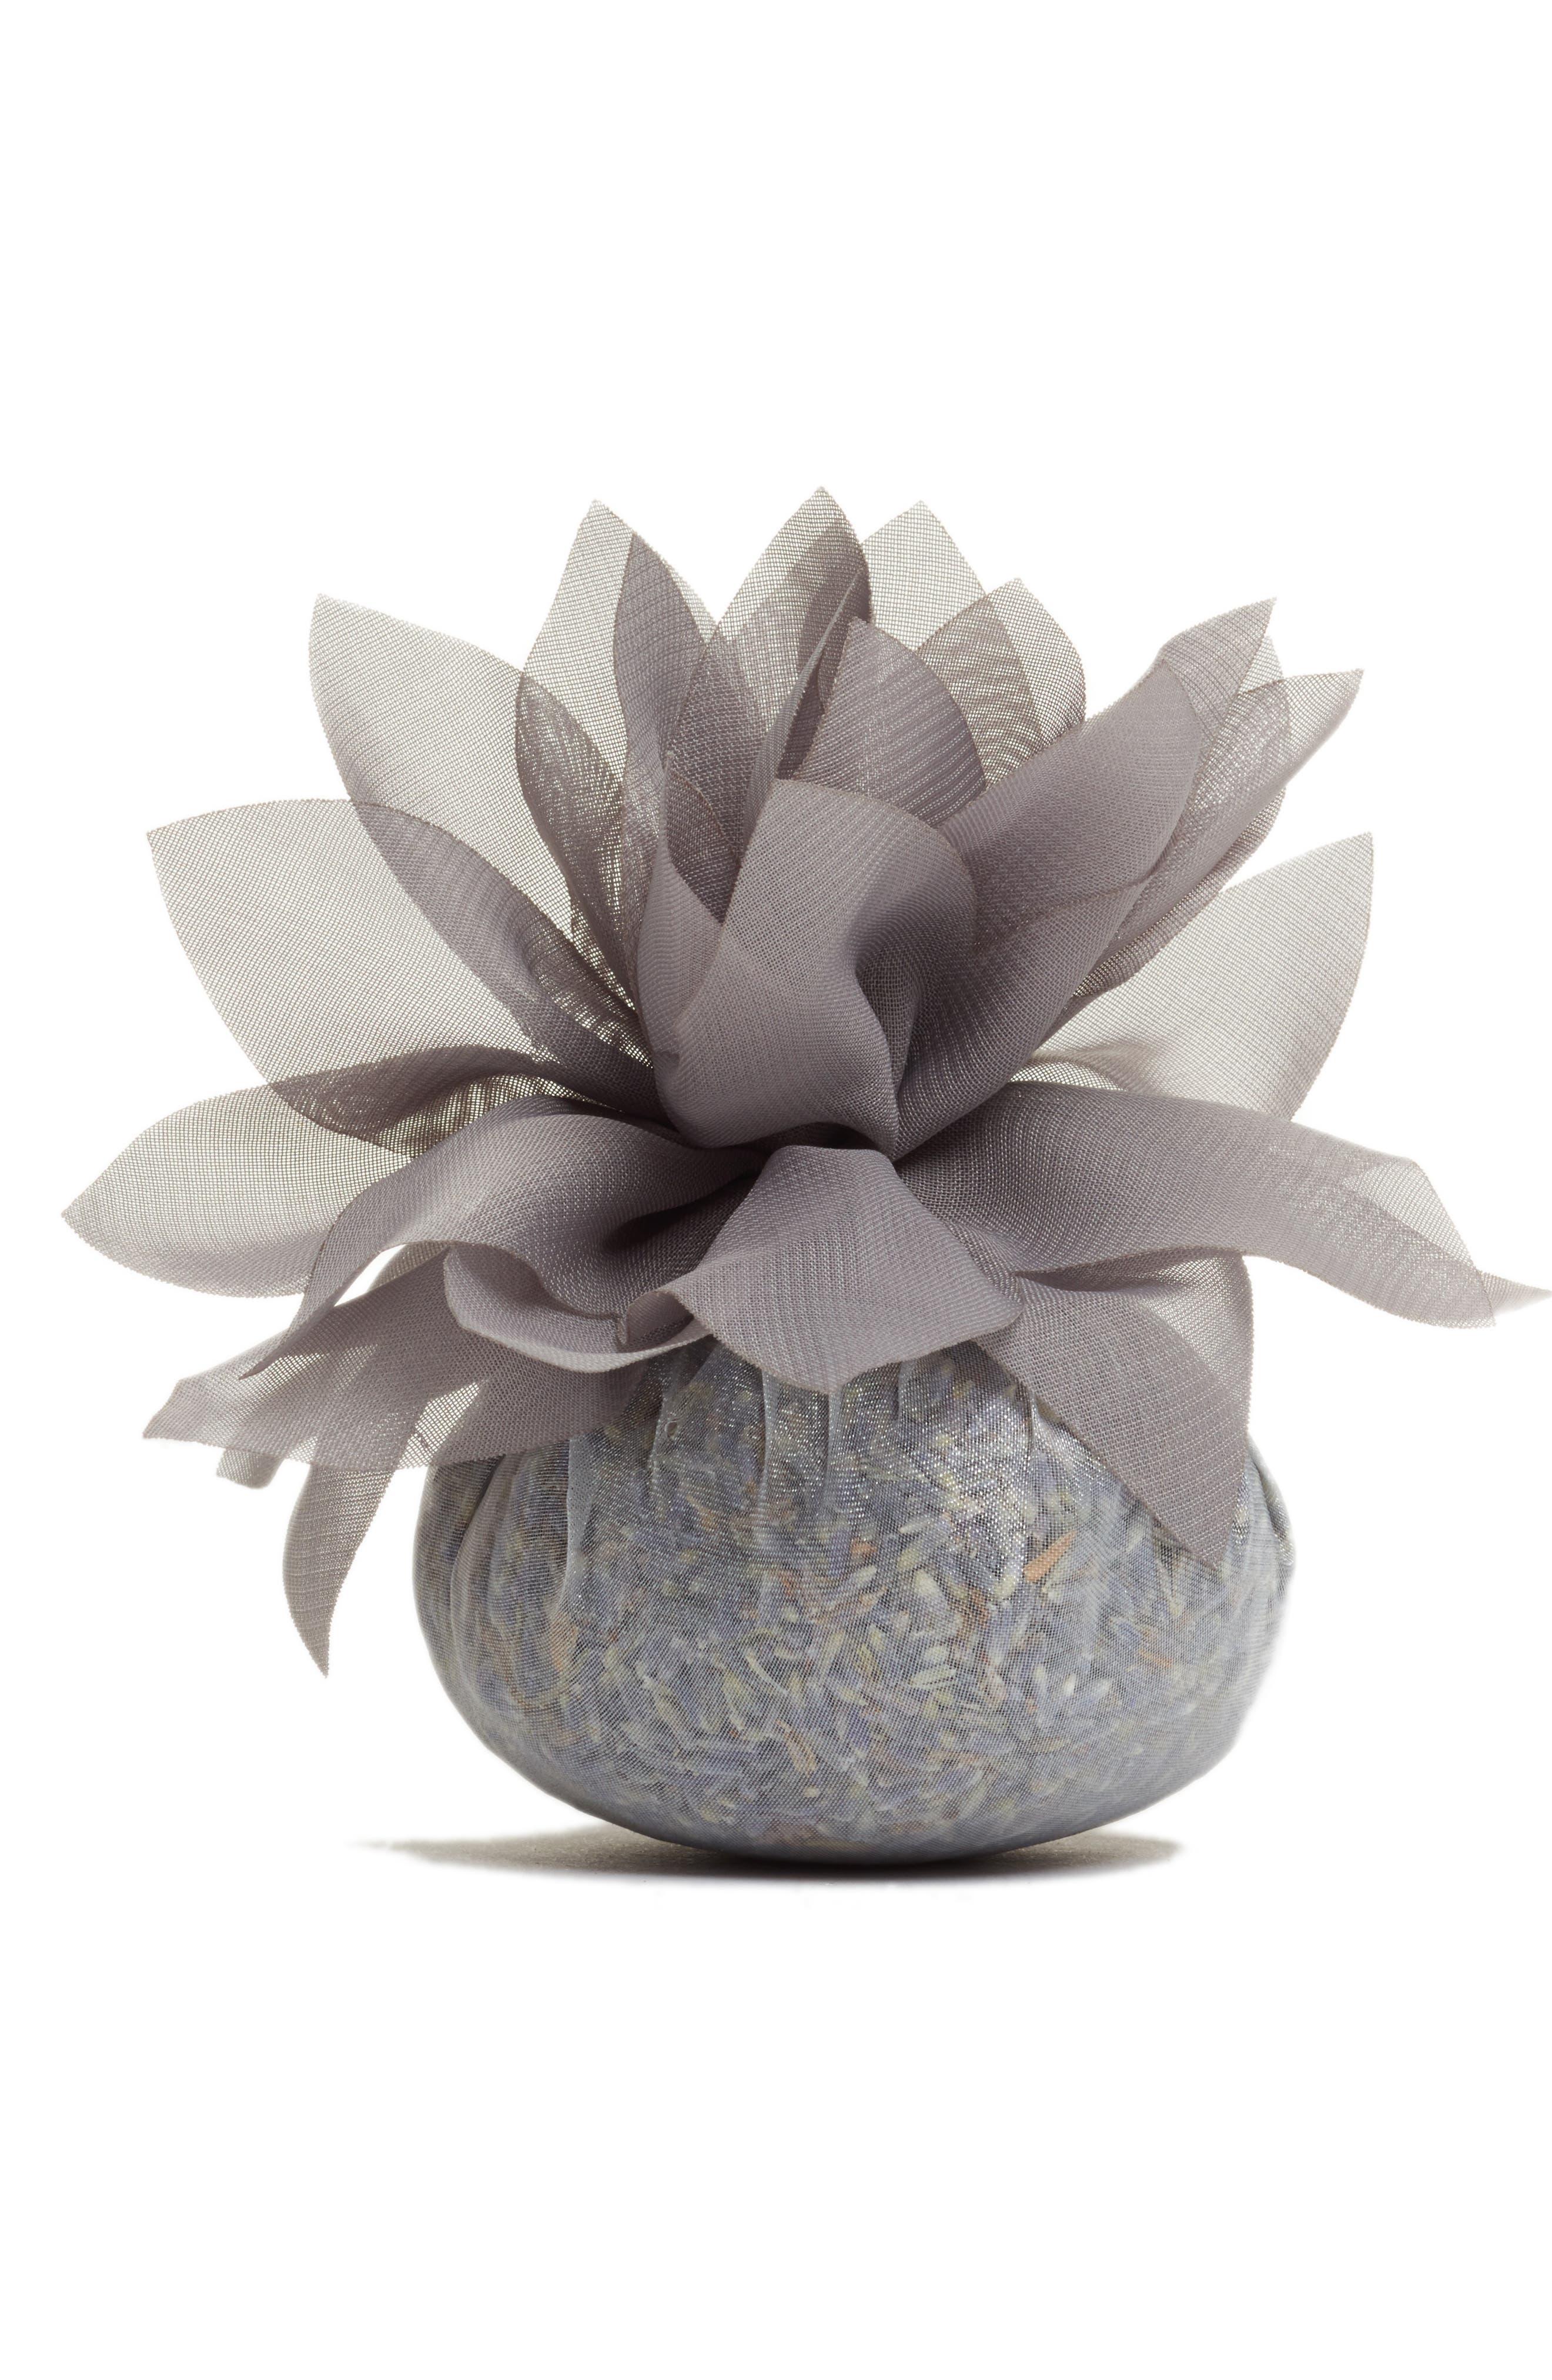 Sonoma Lavender Stonehide Flower Sachet